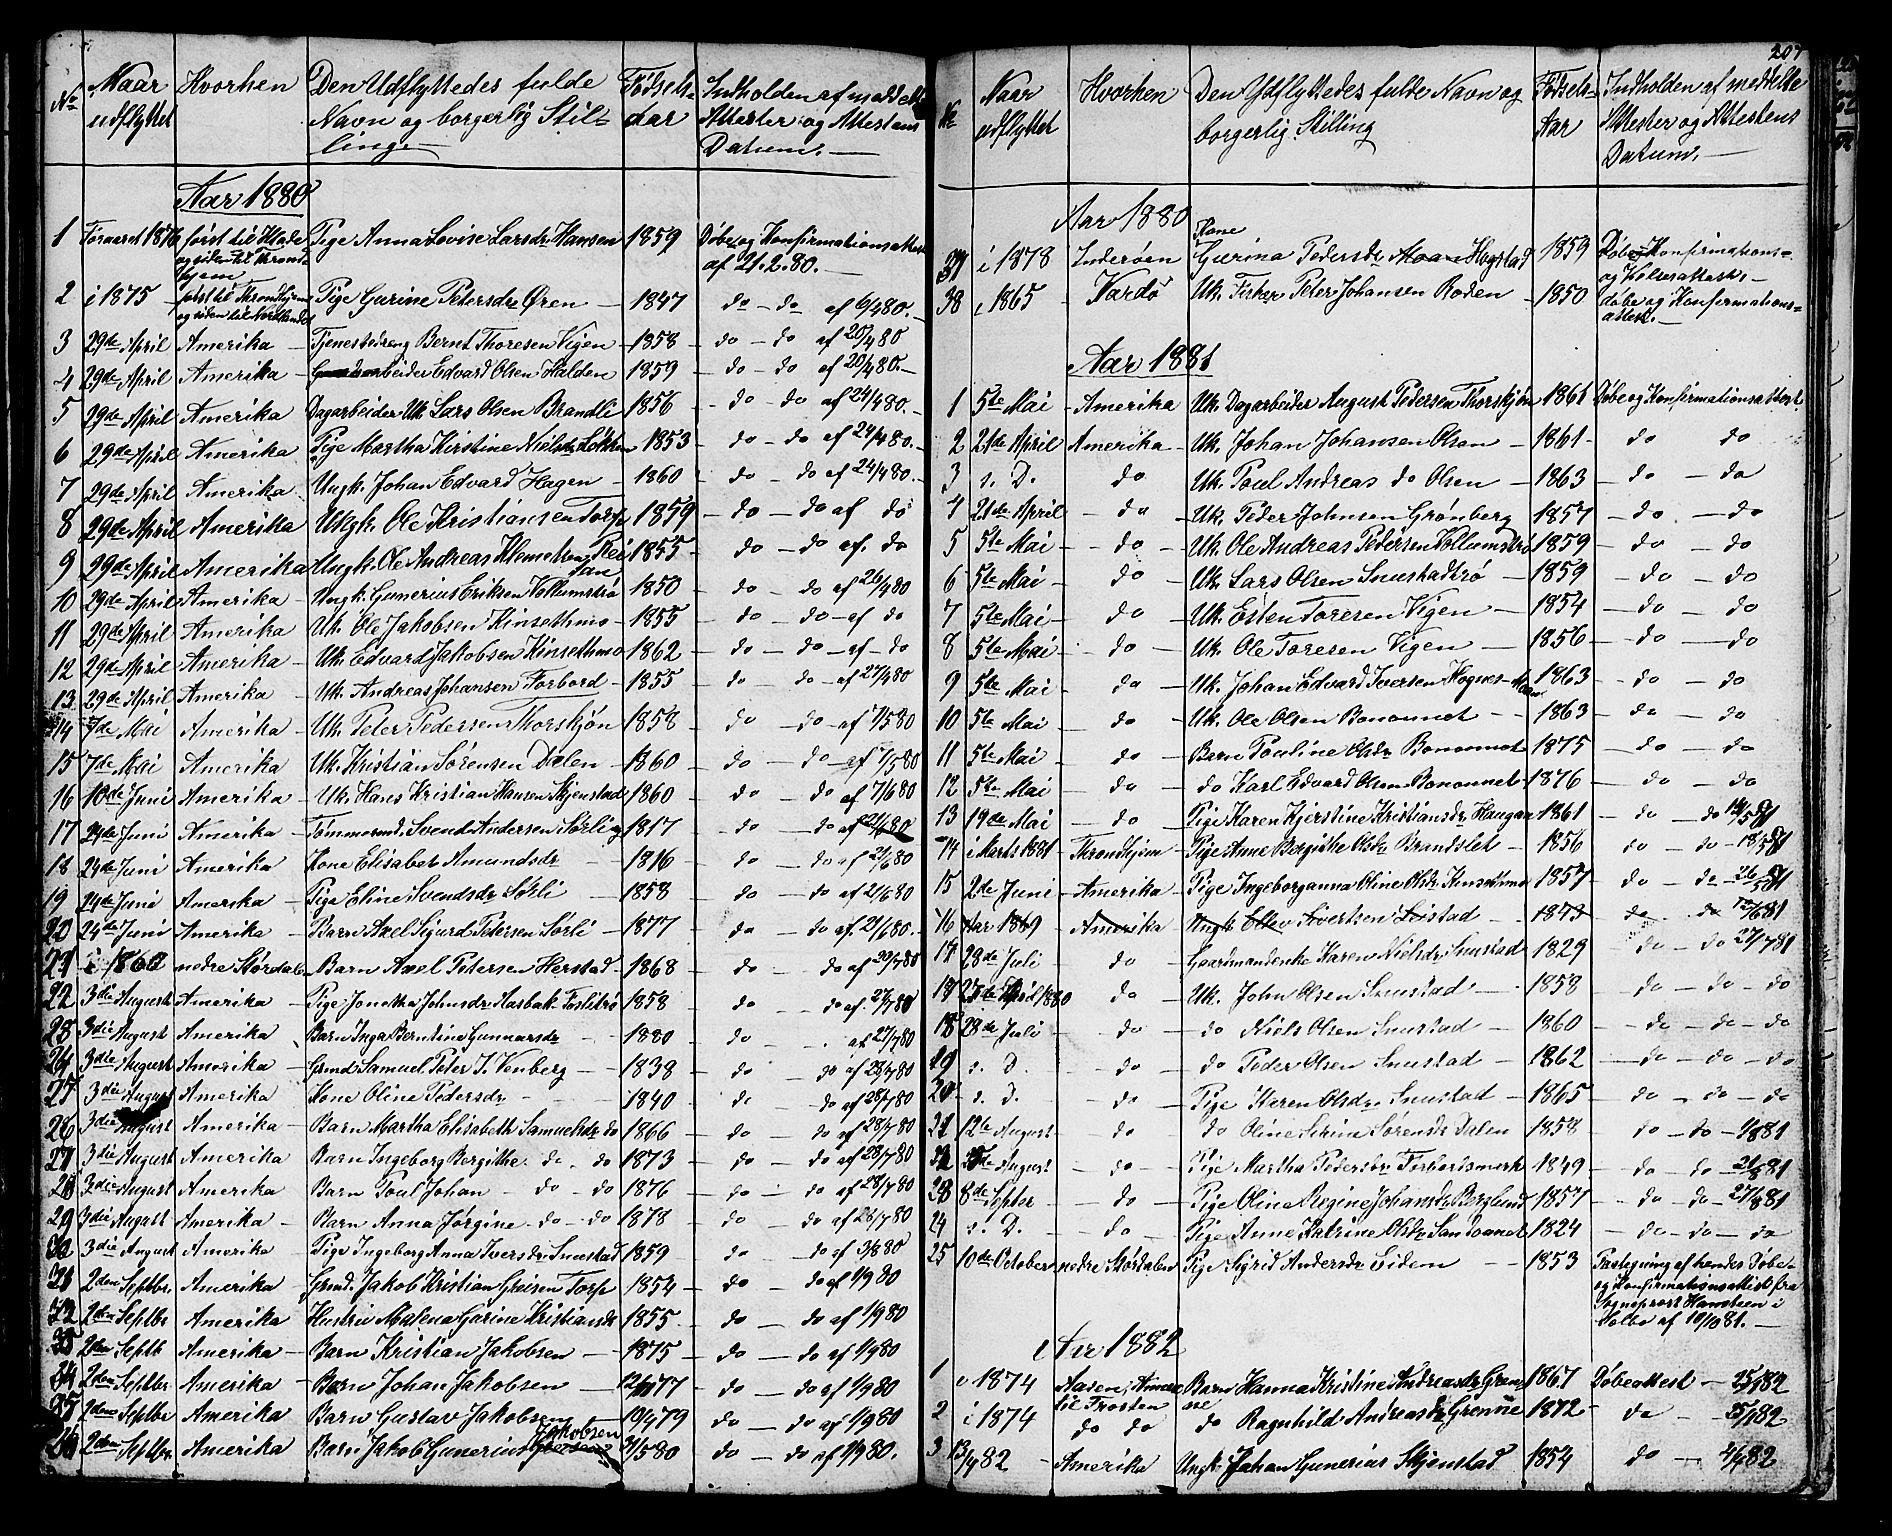 SAT, Ministerialprotokoller, klokkerbøker og fødselsregistre - Sør-Trøndelag, 616/L0422: Klokkerbok nr. 616C05, 1850-1888, s. 207